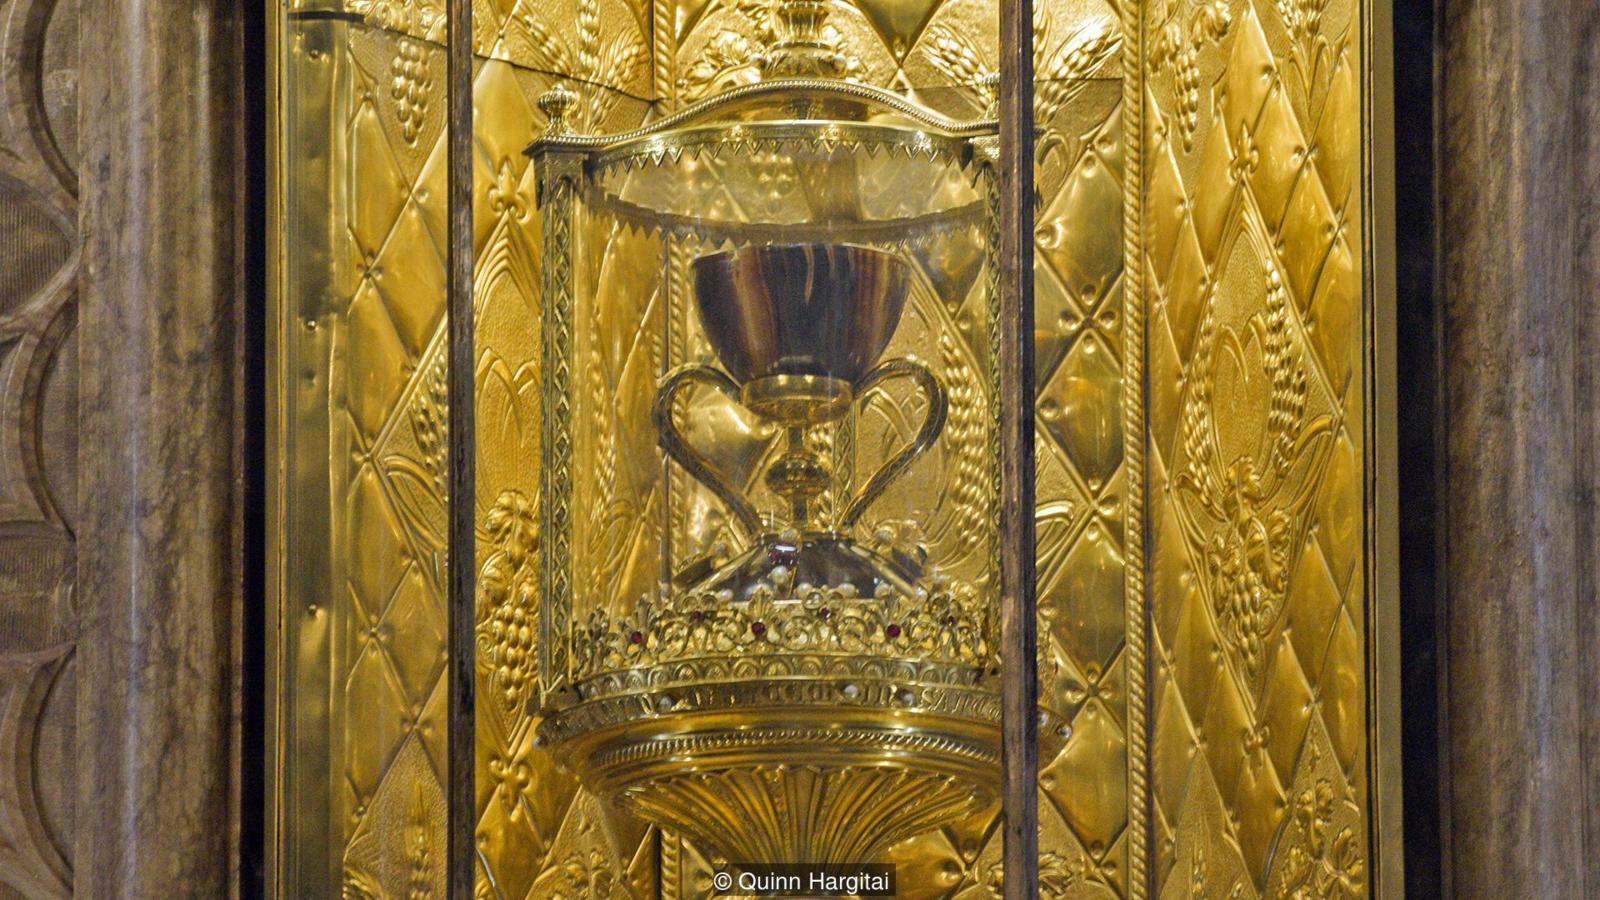 Чаша вырезана из агата и имеет большие золотые ручки и основание, инкрустированное драгоценными камнями (фото: Квинн Харгитай)